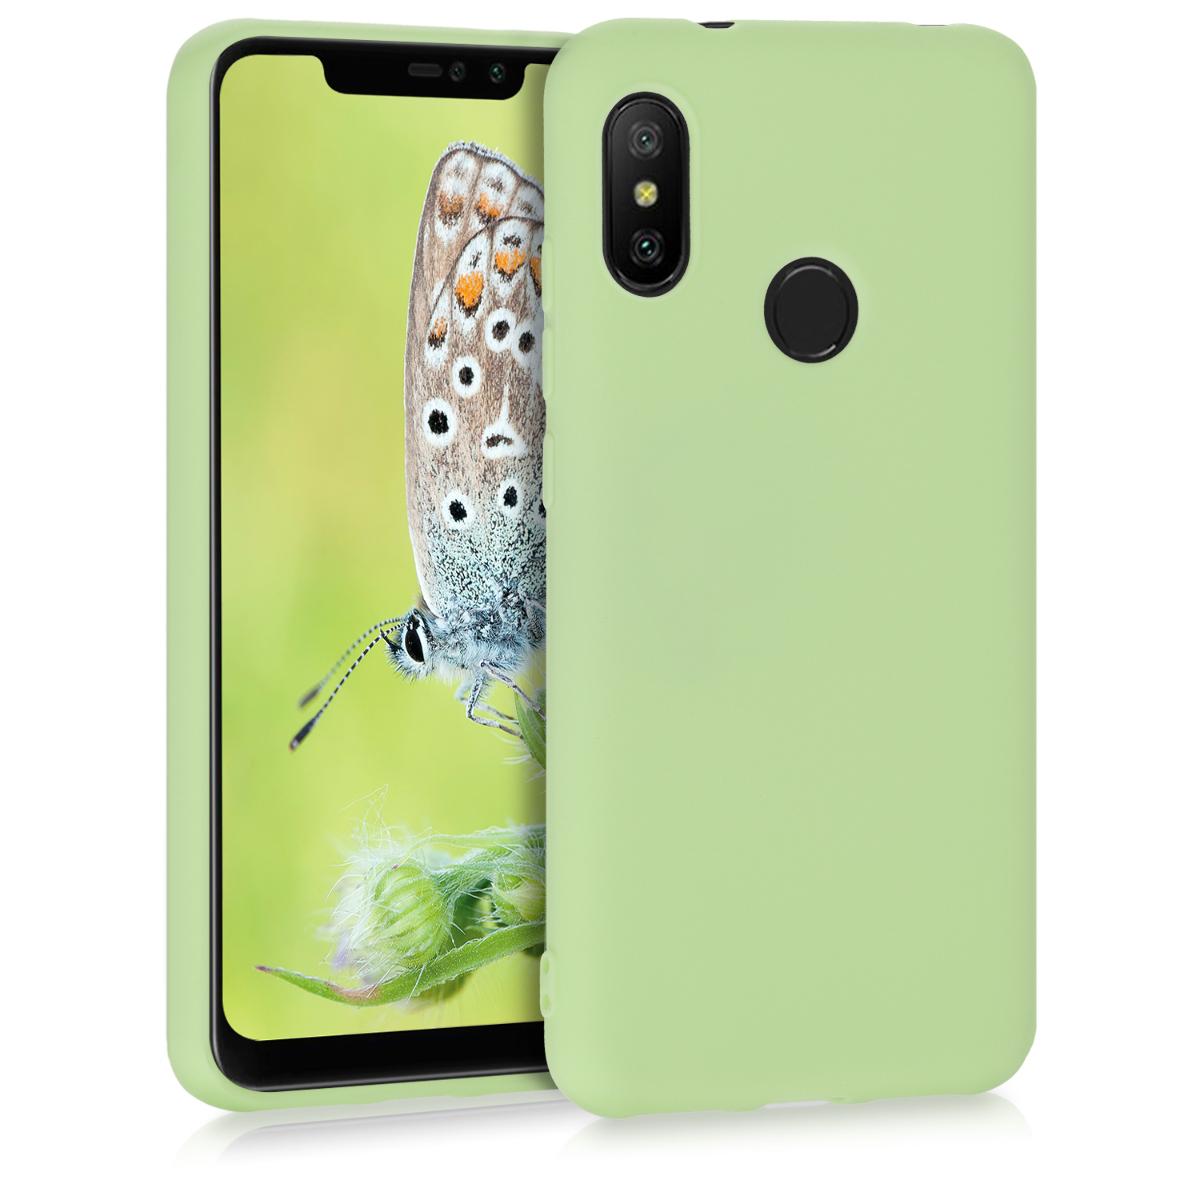 Kvalitní silikonové TPU pouzdro | obal pro Xiaomi Redmi 6 Pro | Mi A2 Lite - pistácie zelený